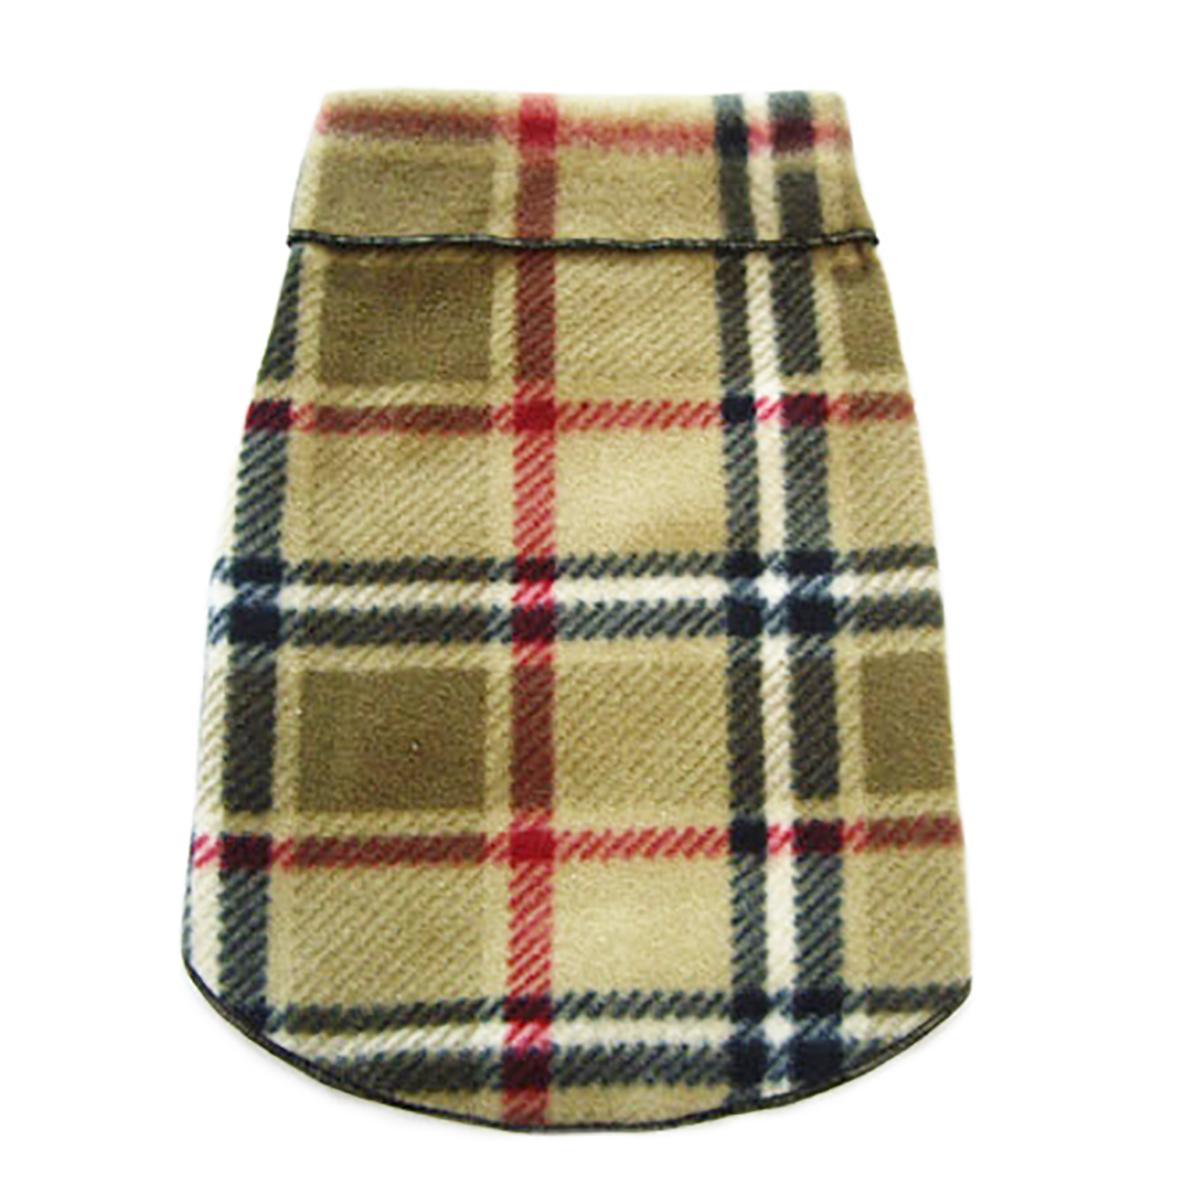 Blanket Plaid Dog Pullover - Camel